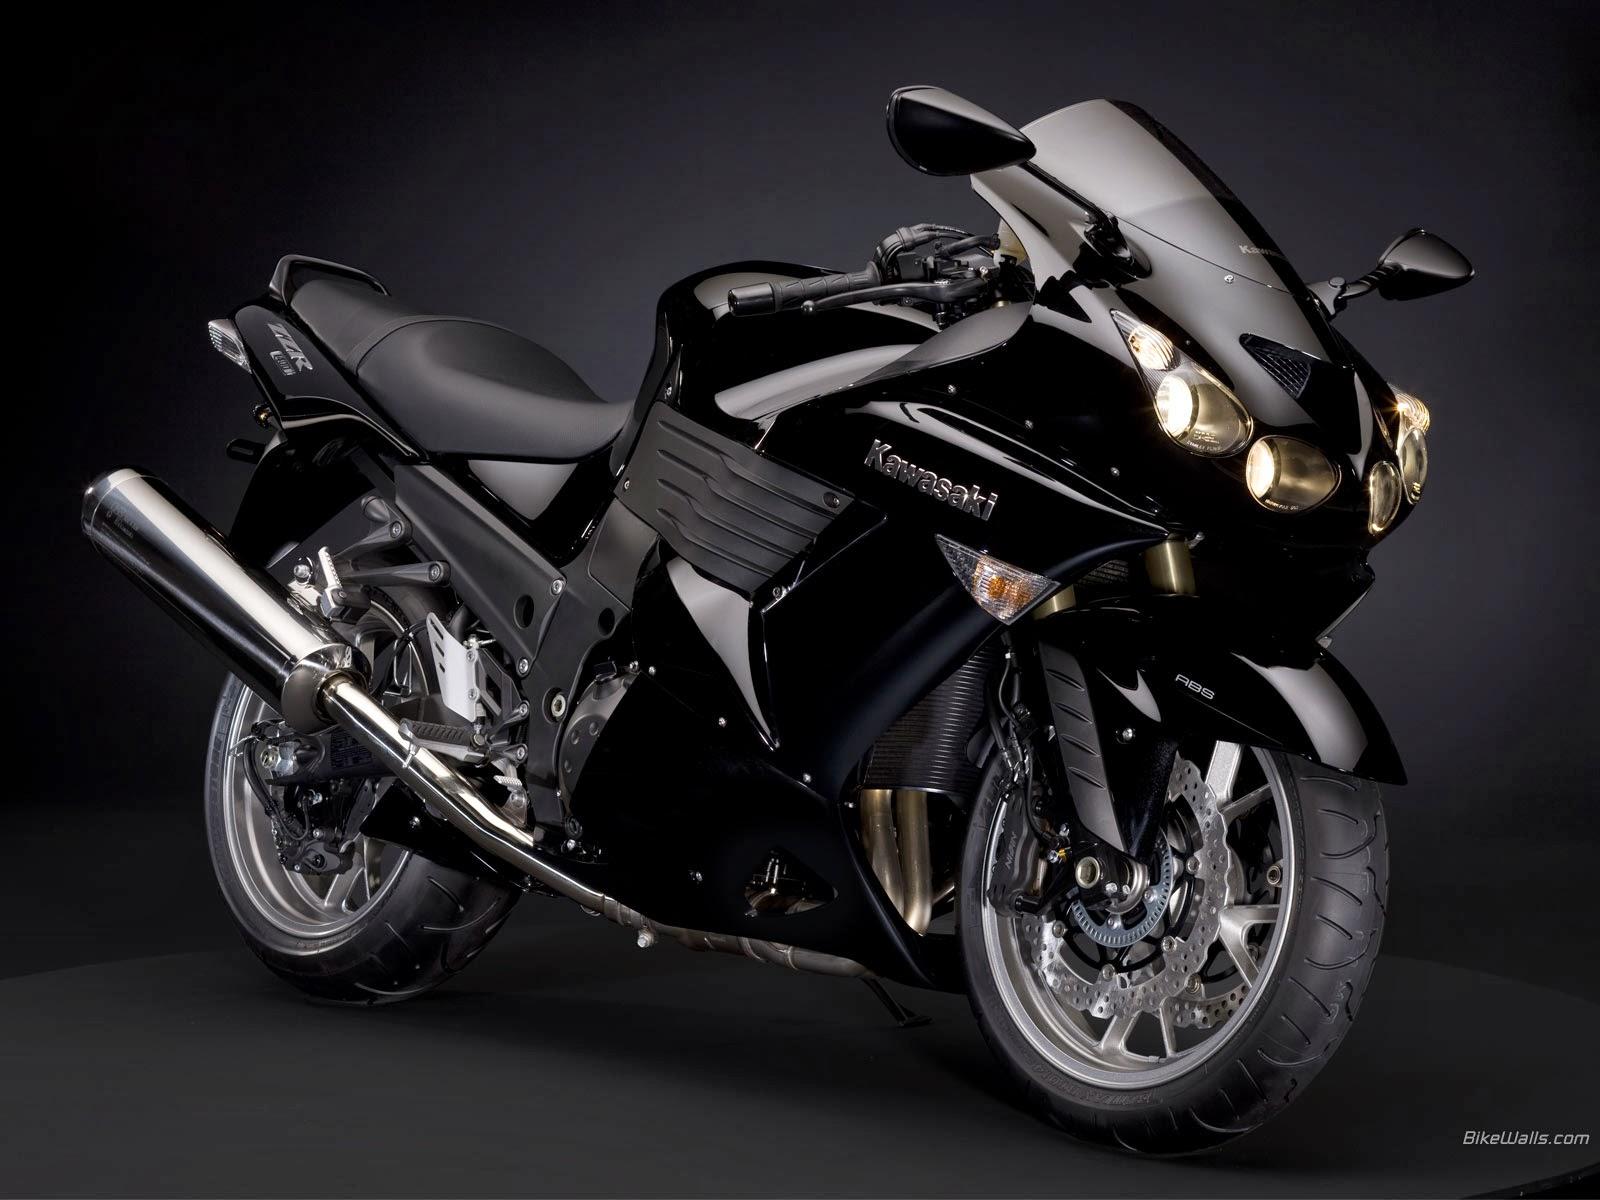 Kawasaki ZZR 1400 - Kawasaki Motor